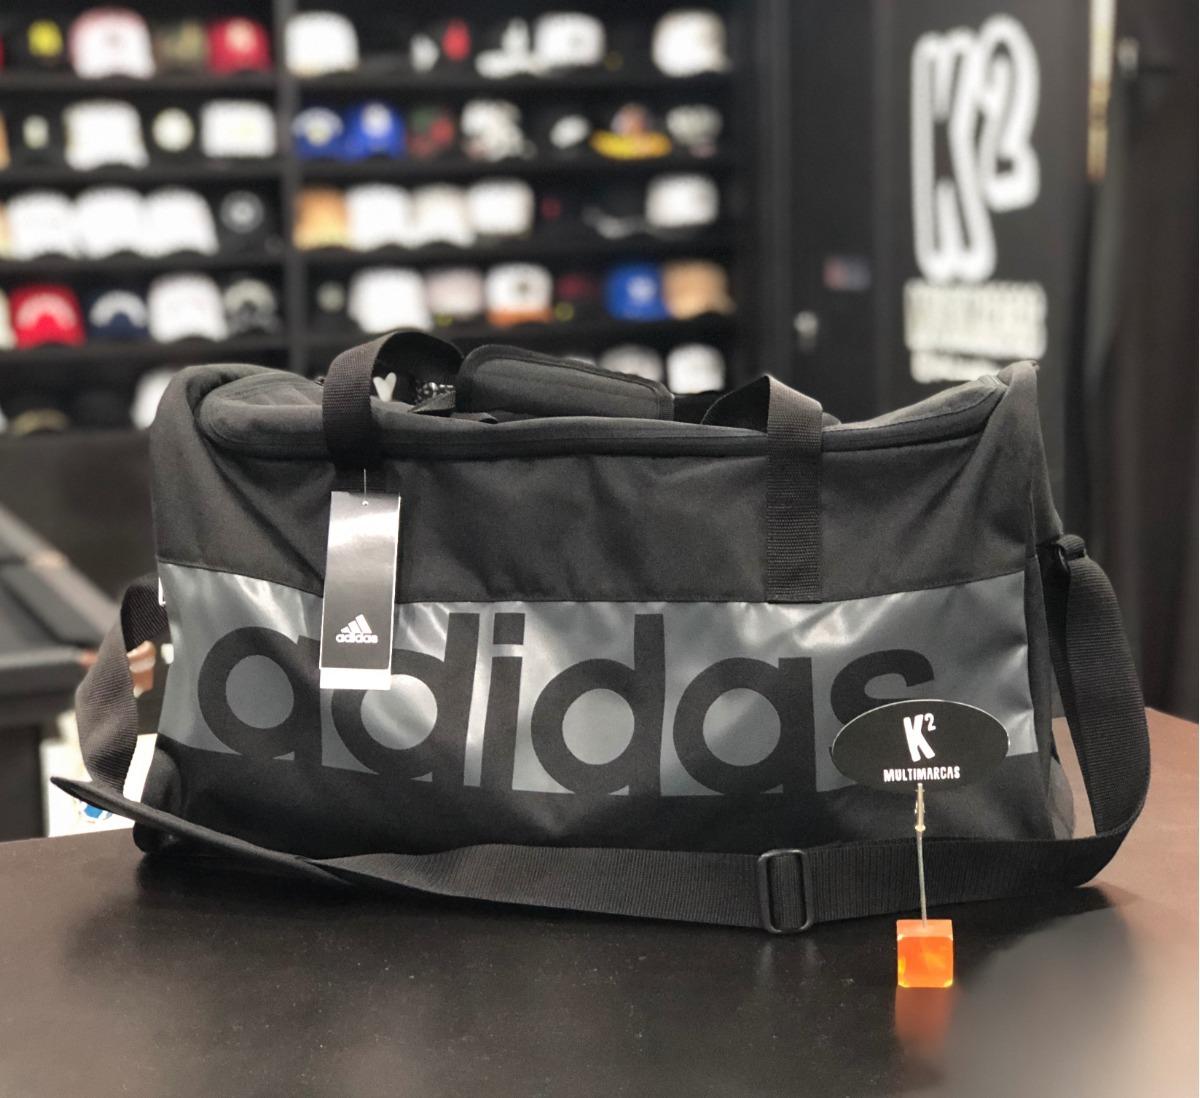 547b00e64 Bolsa adidas Ginástica Média Tiro Lin Tb S96148 - R$ 194,90 em ...